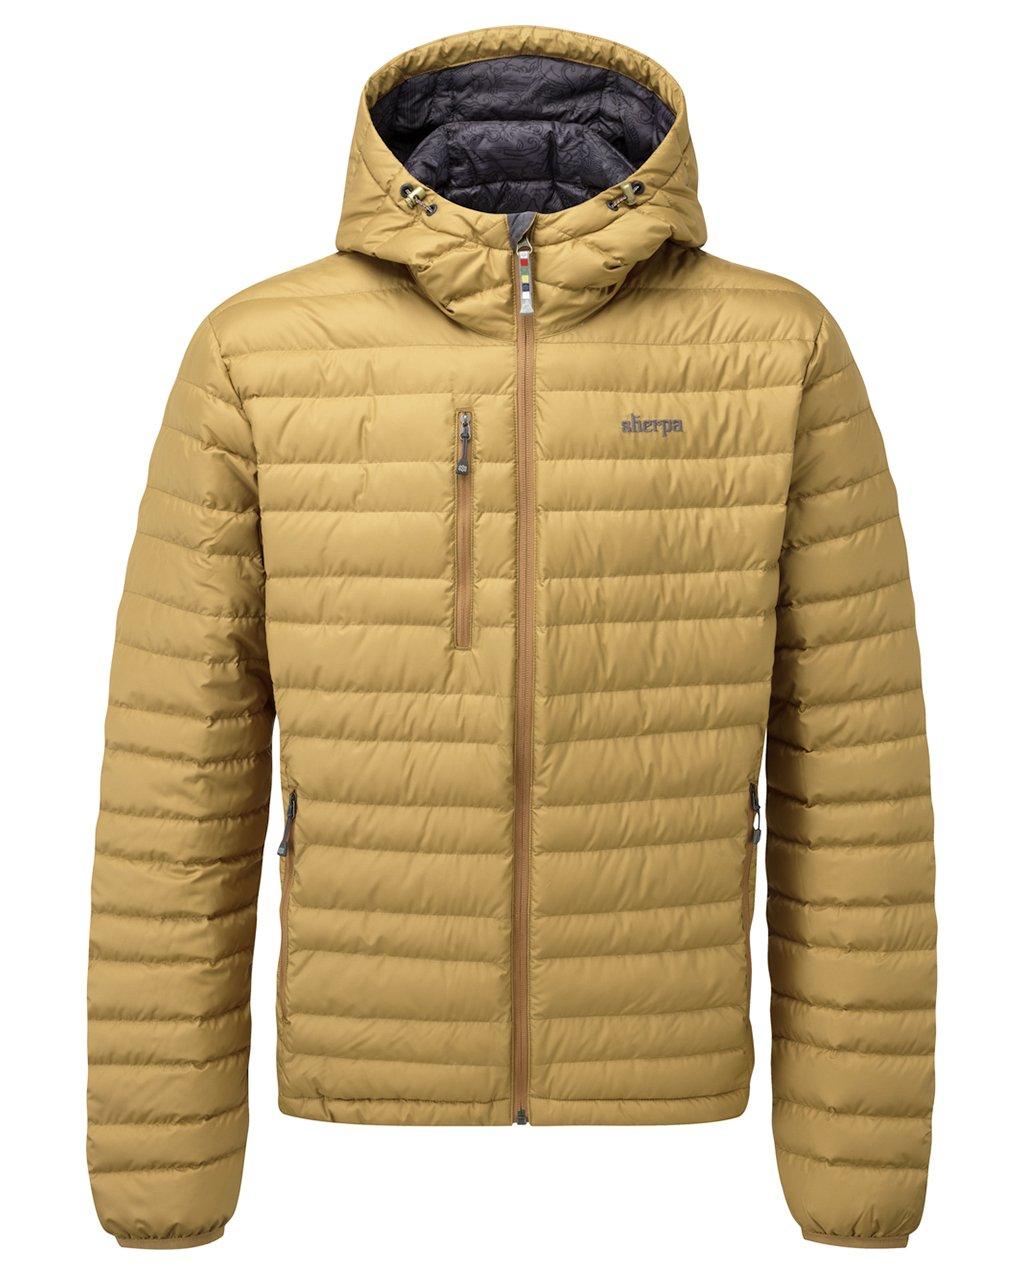 Backpacking jacket